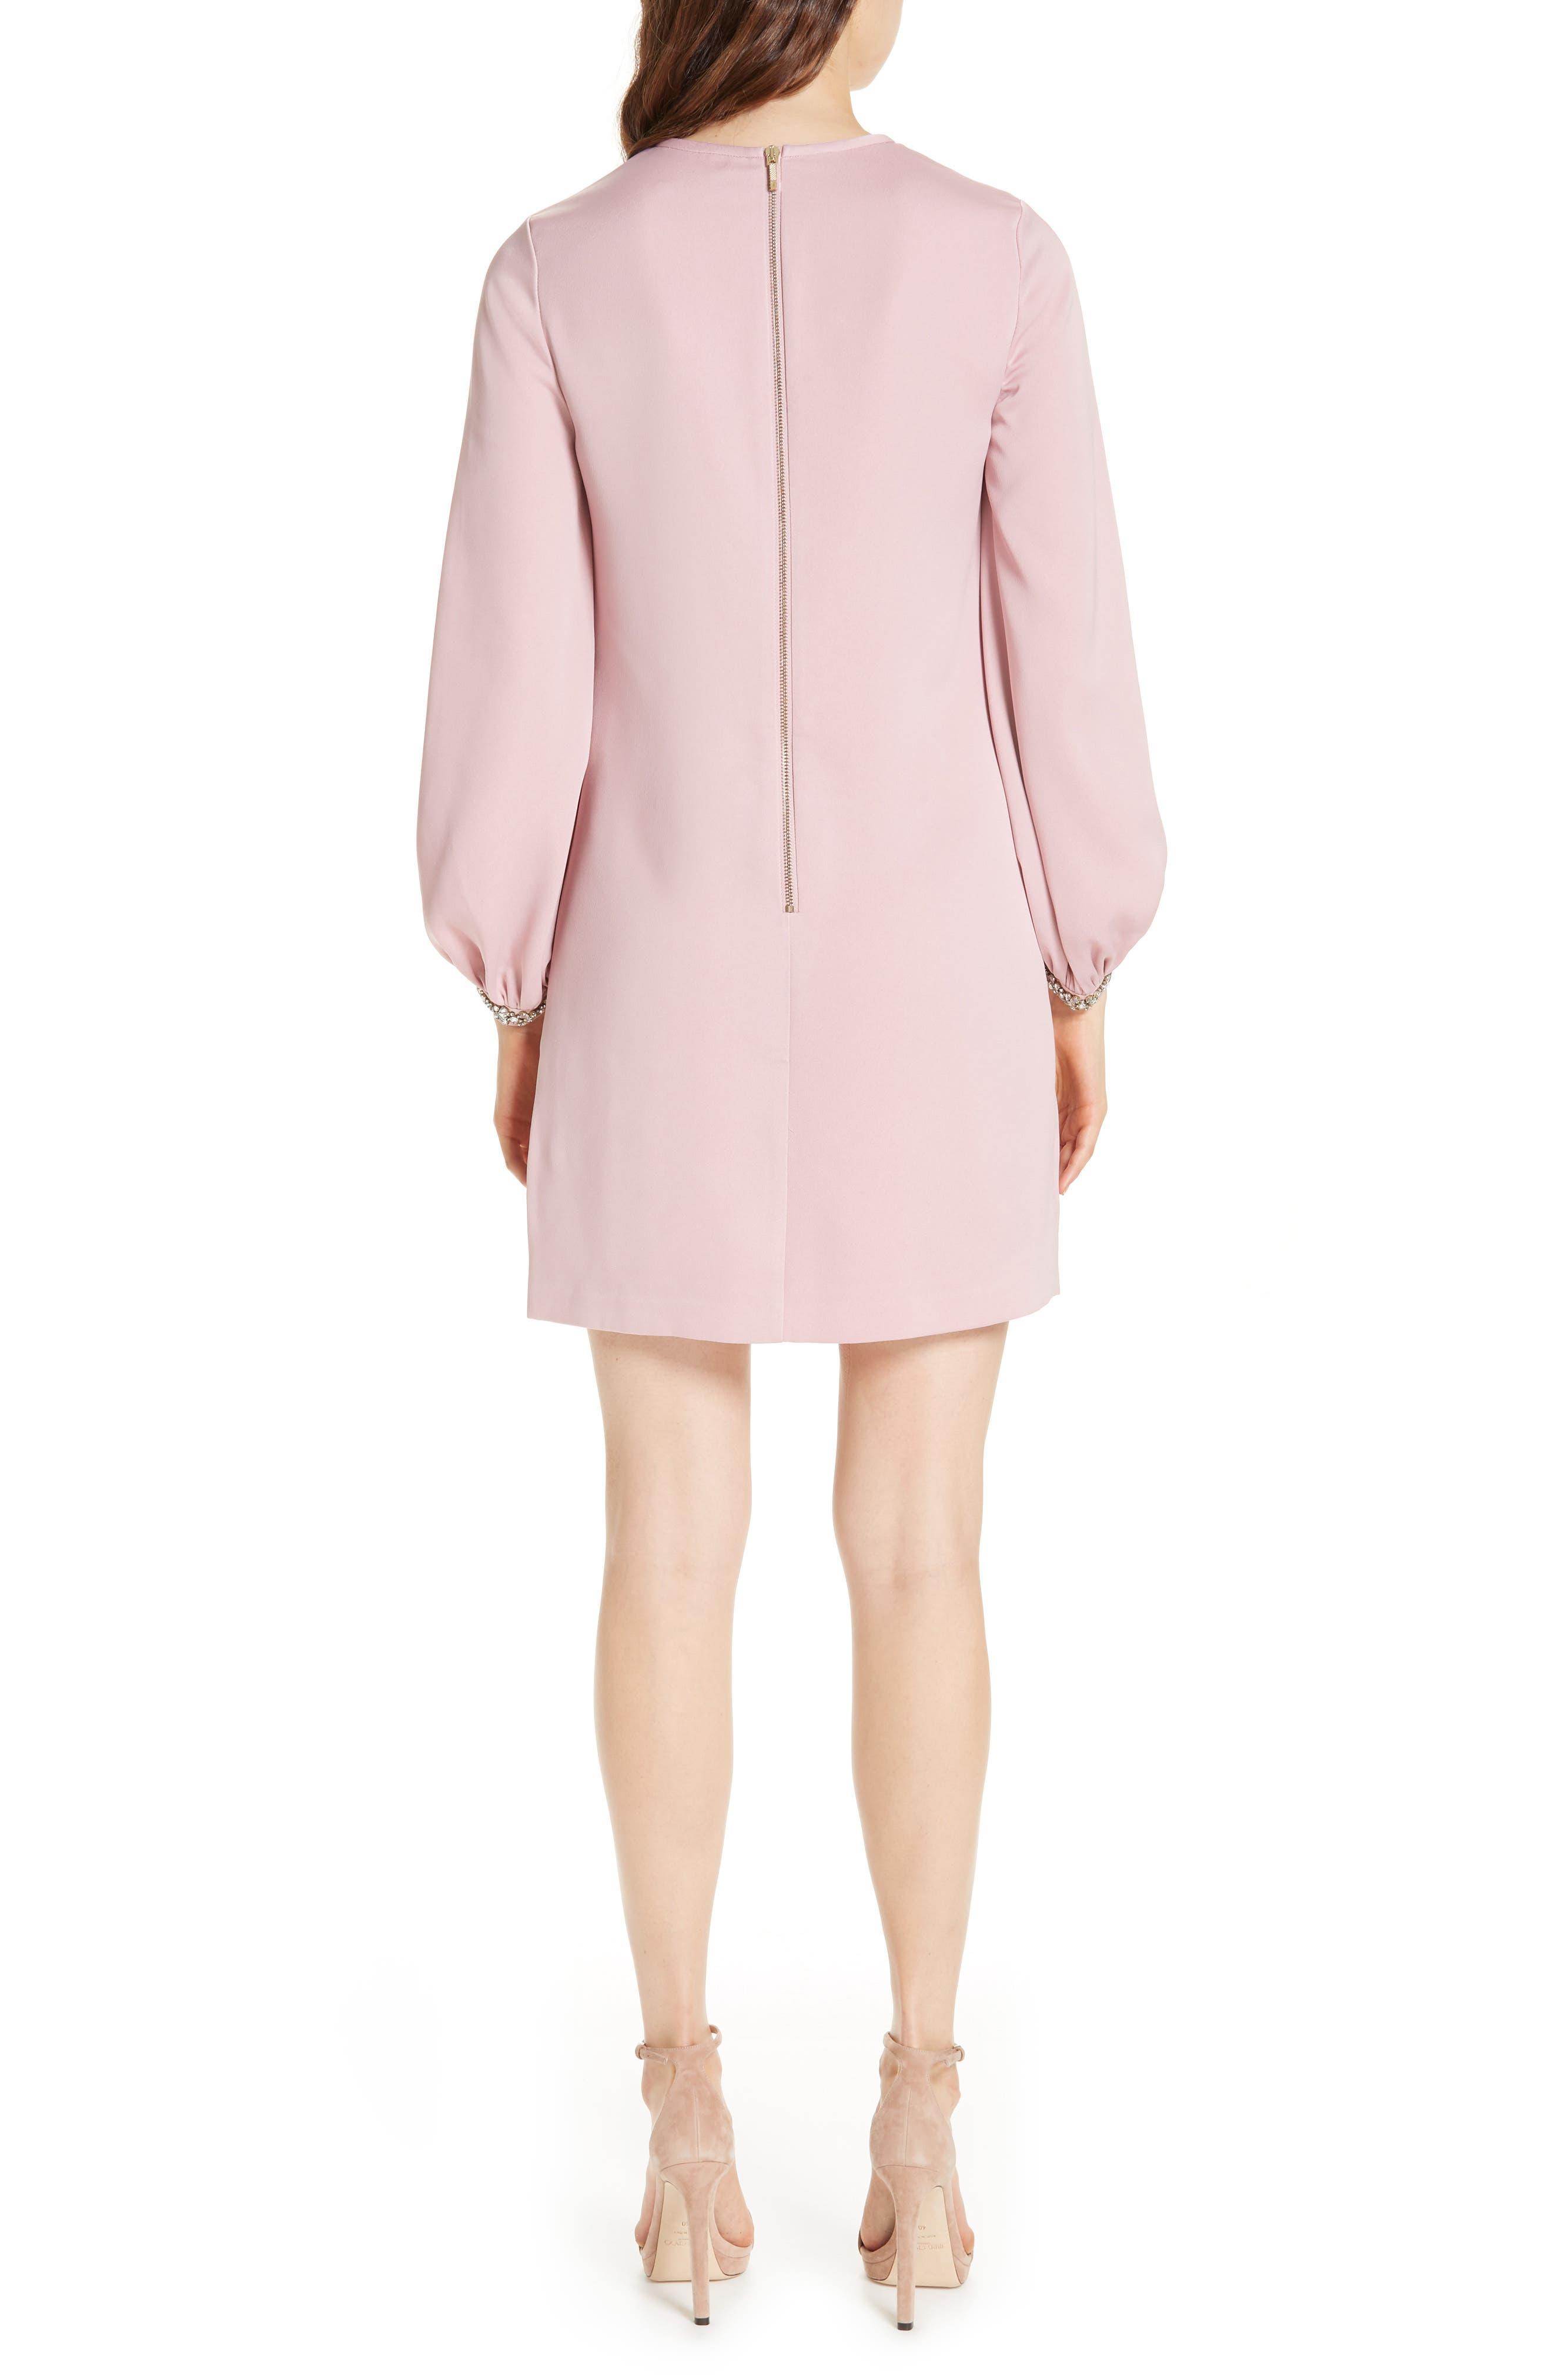 Joele Embellished Cuff Shift Dress,                             Alternate thumbnail 2, color,                             DUSKY PINK